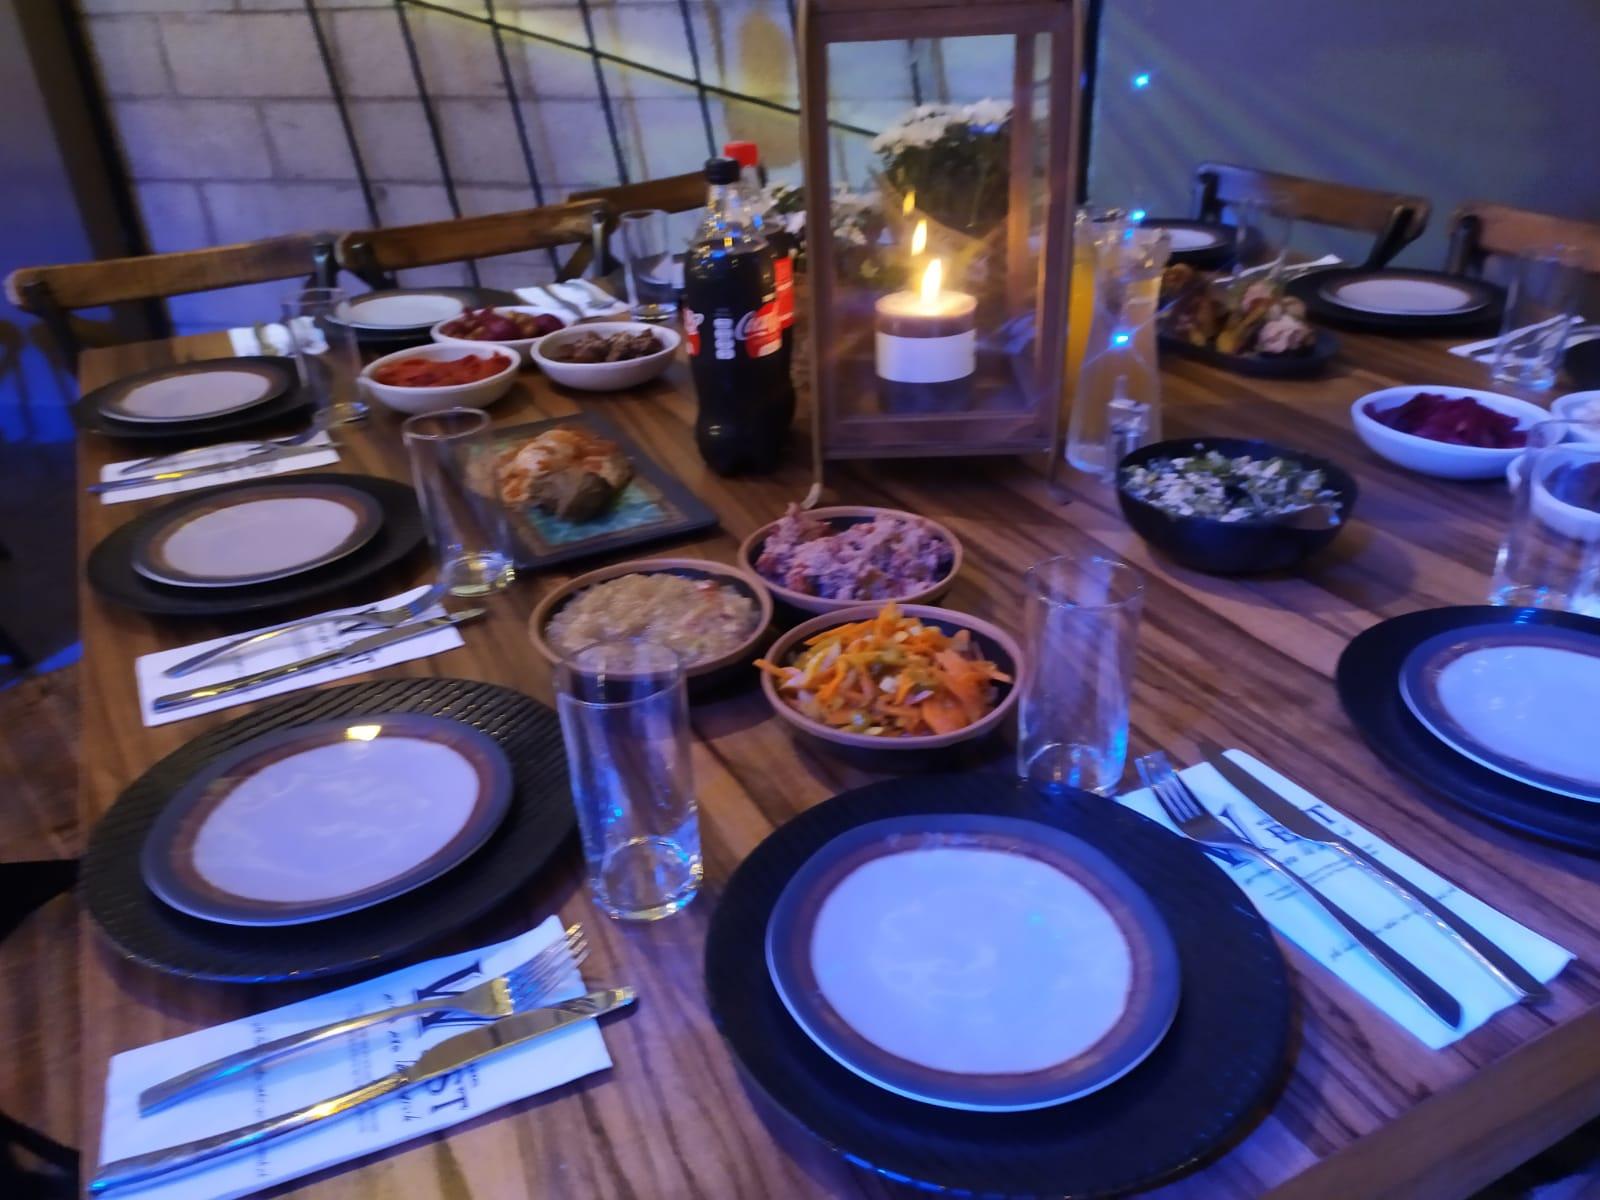 מסעדה לאירועים בראשון לציון